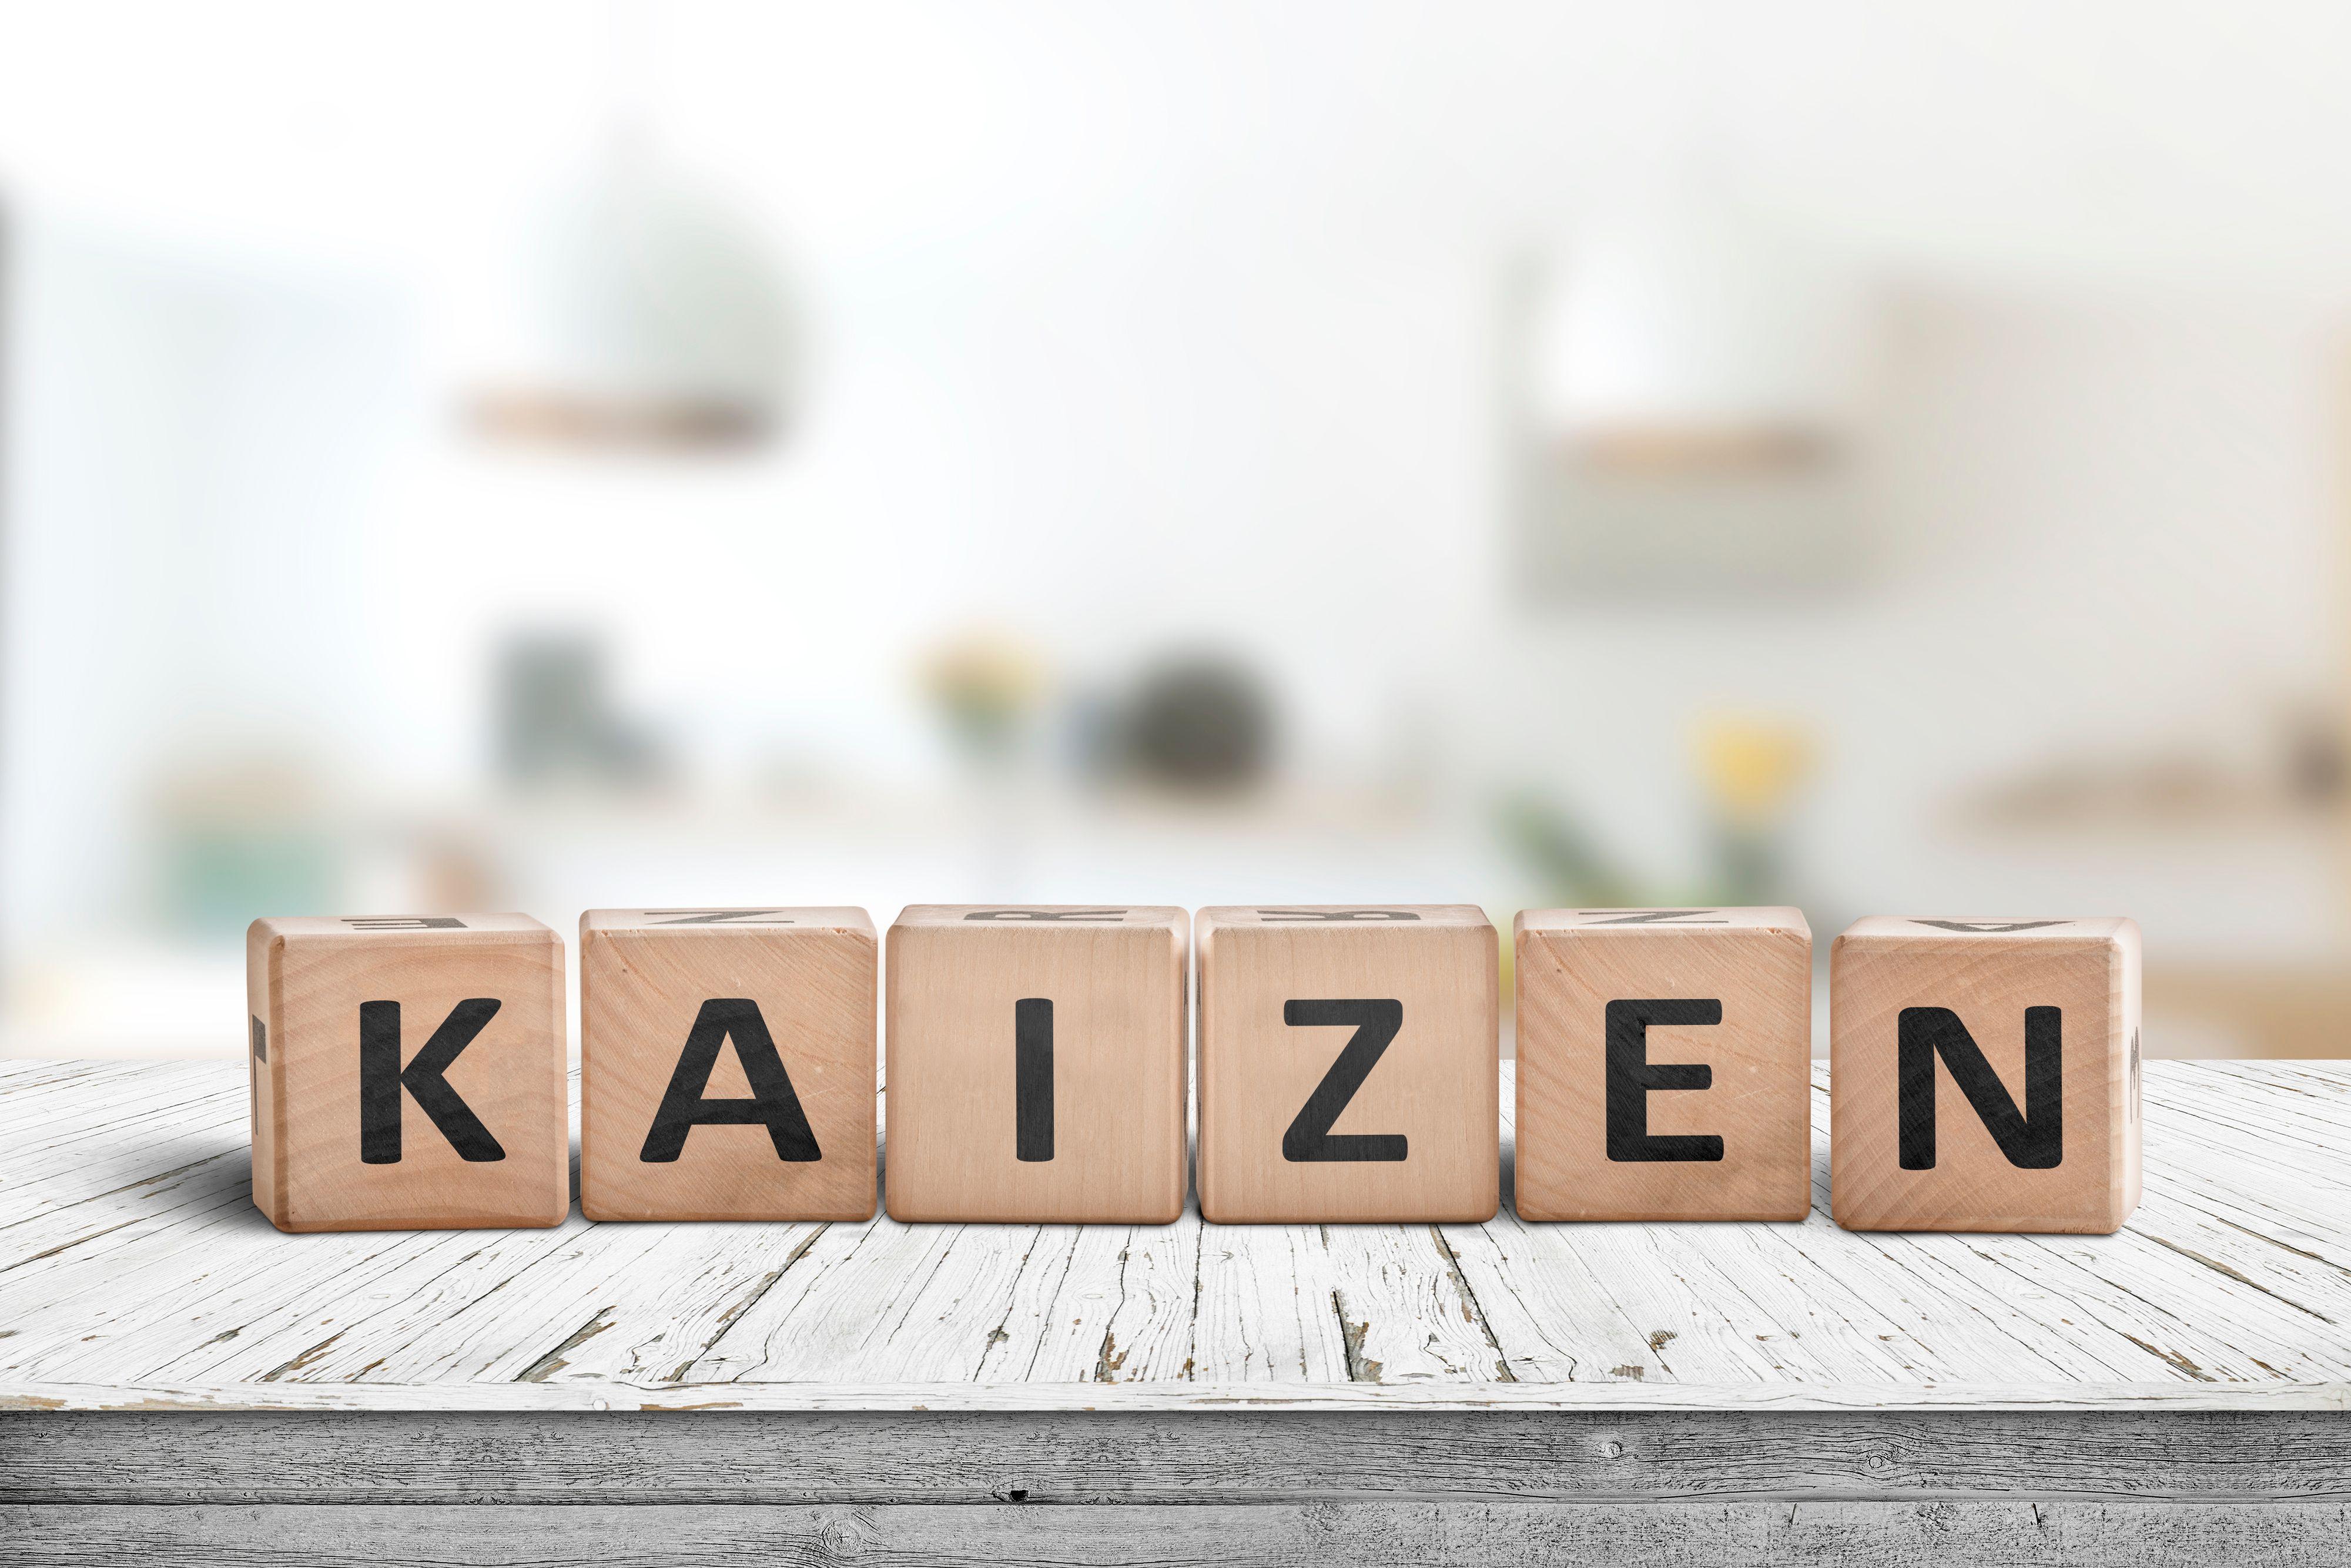 Według zasad Kaizen, który zdecydowała się wdrożyć PKP Energetyka, ważny jest głos pracowników. (Fot. Shutterstock)